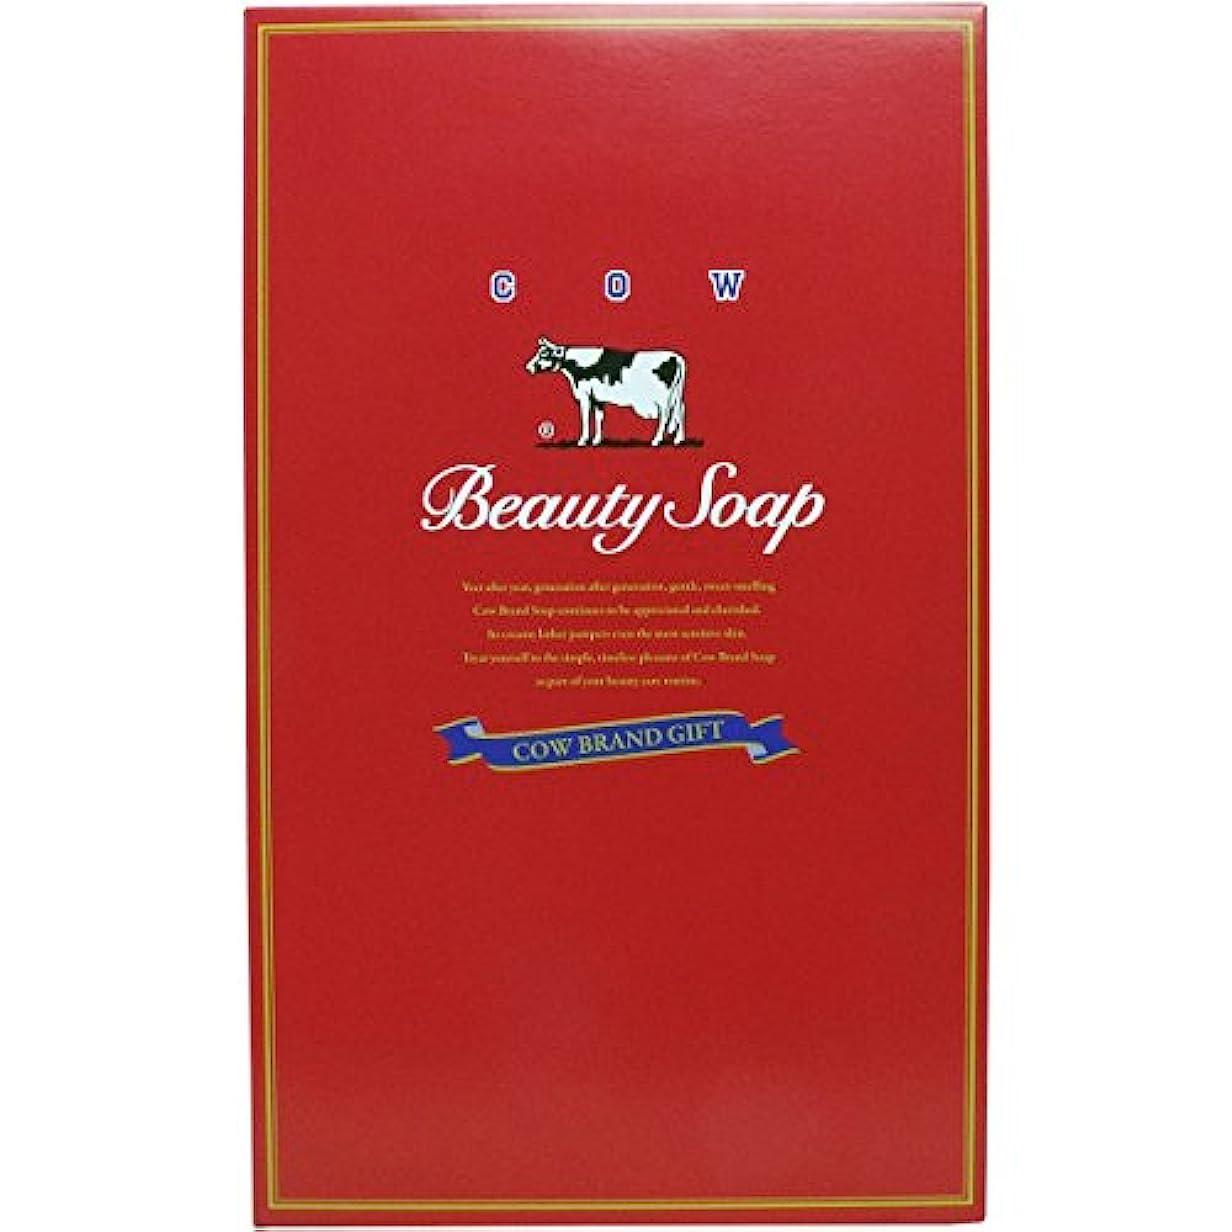 クラシック保証するシンプルな牛乳石鹸共進社 カウブランド石鹸 赤箱 100g×10個×3箱